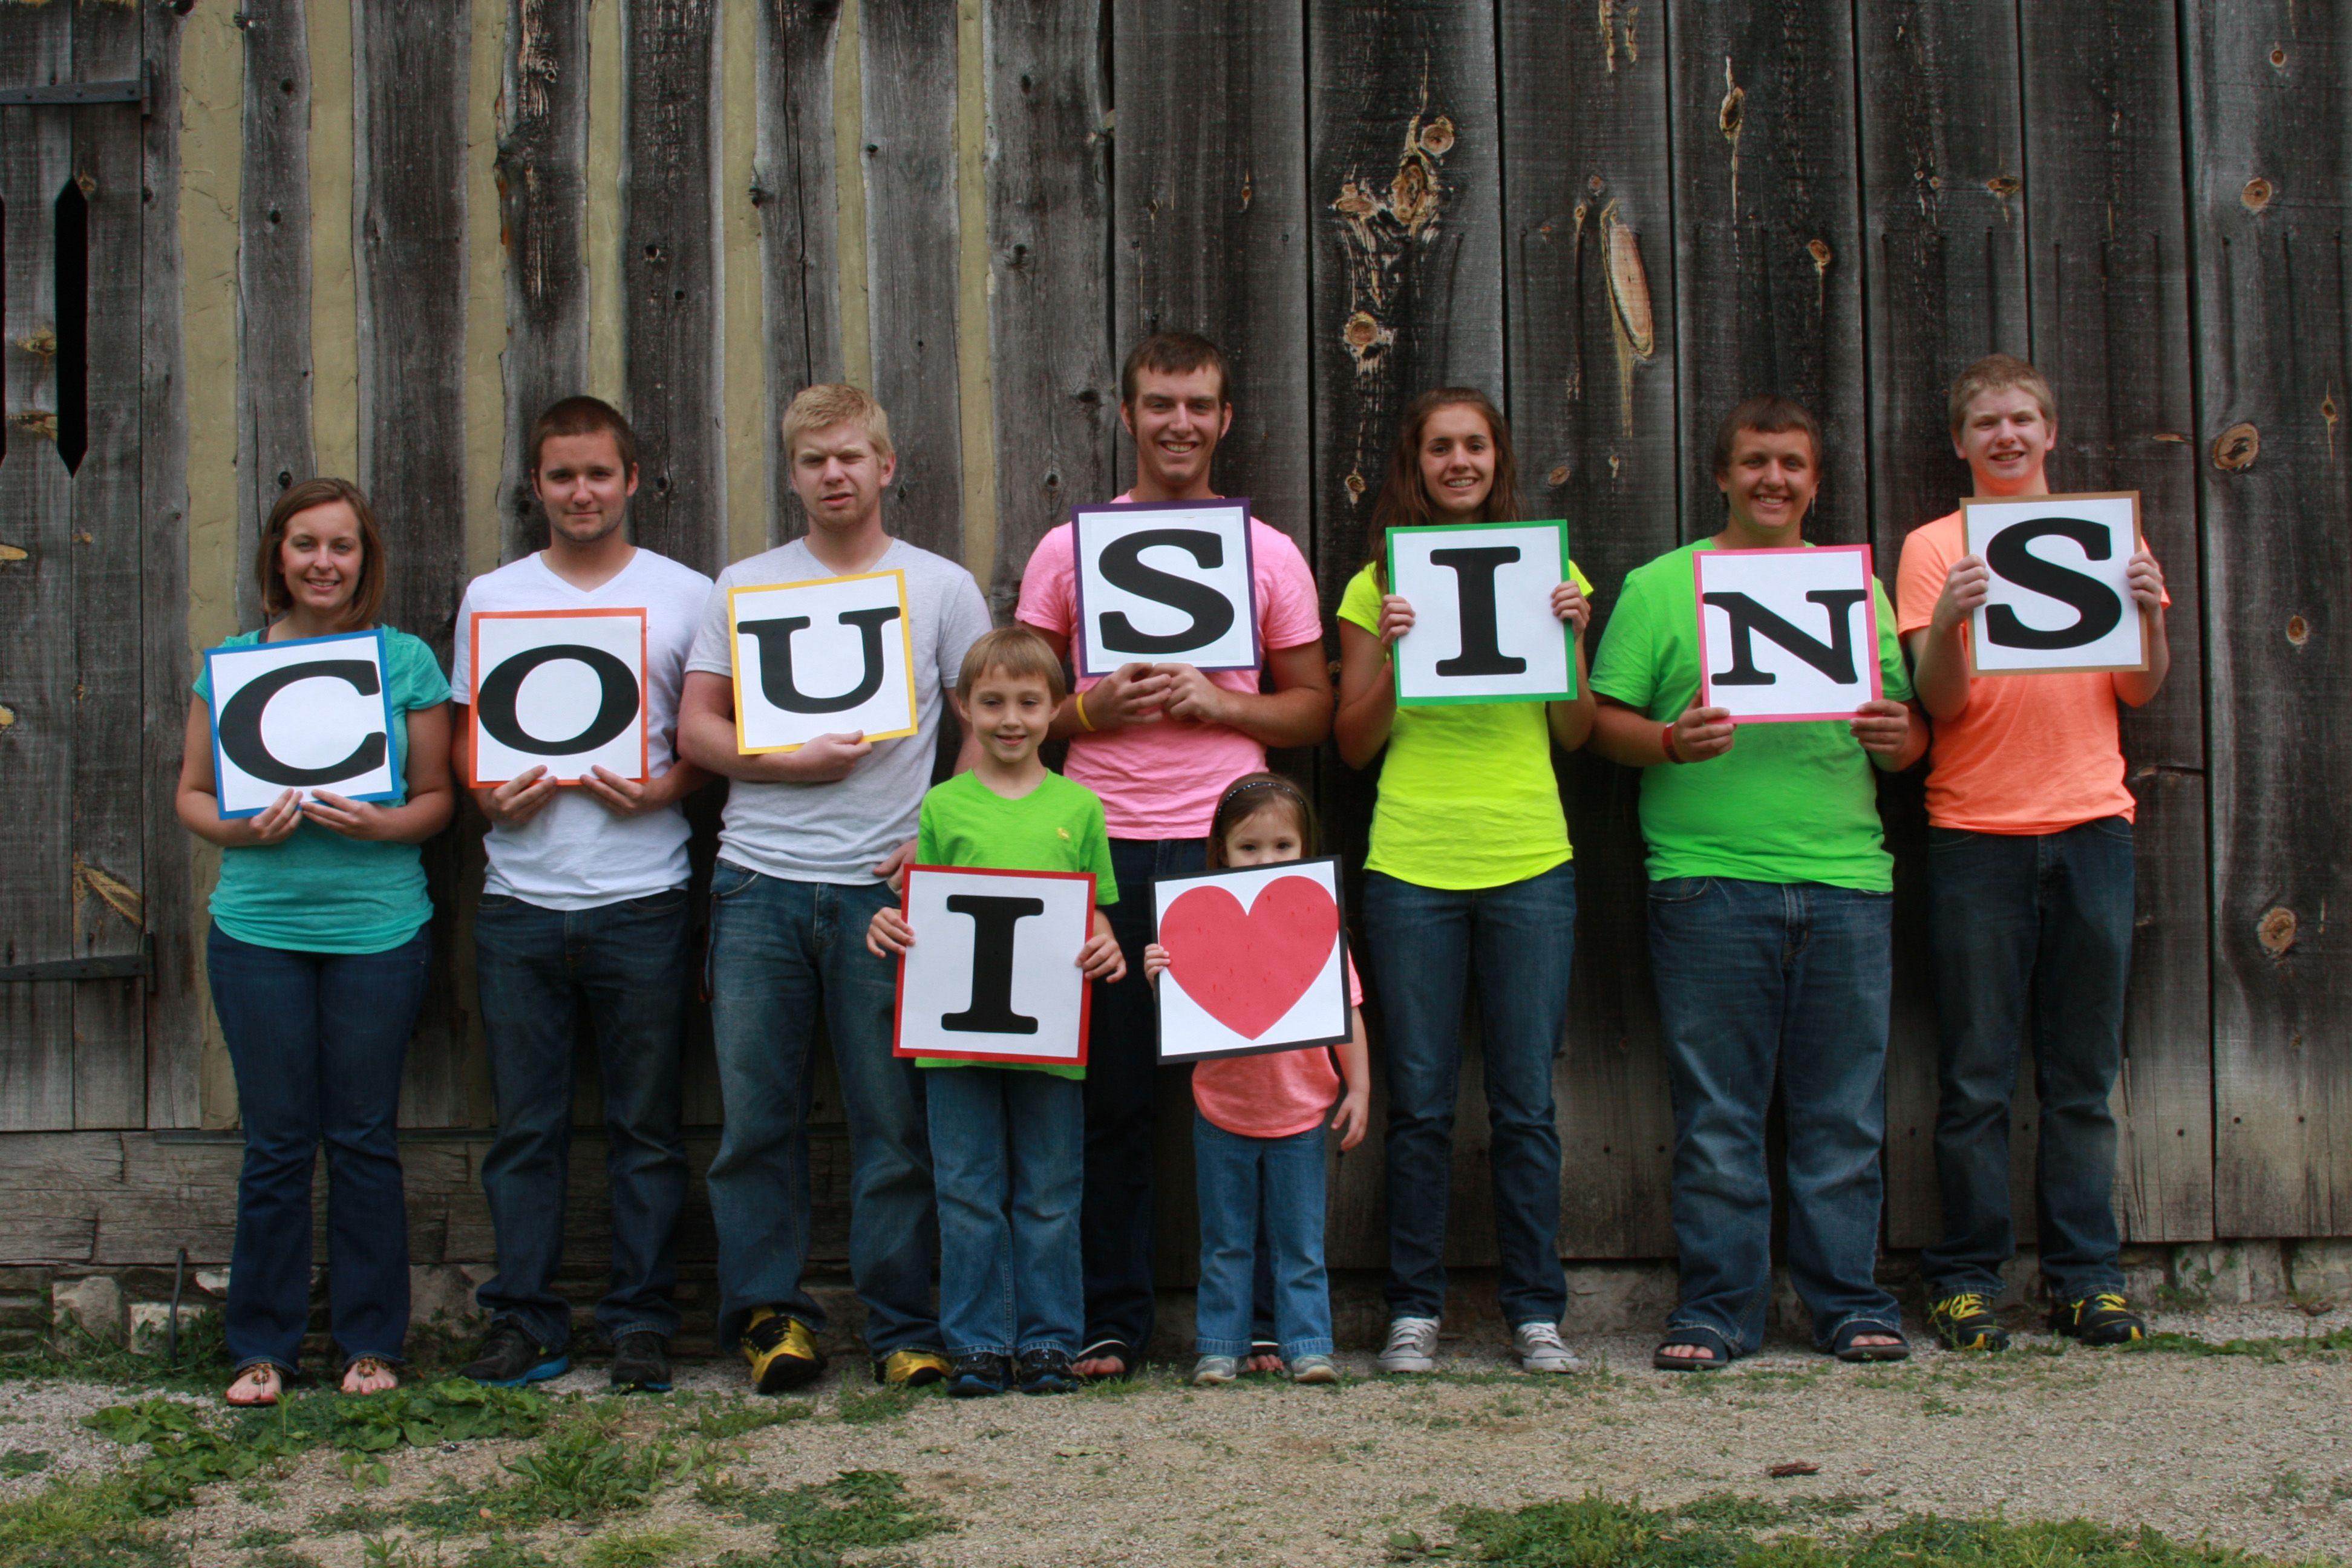 Cousins photo! Love it